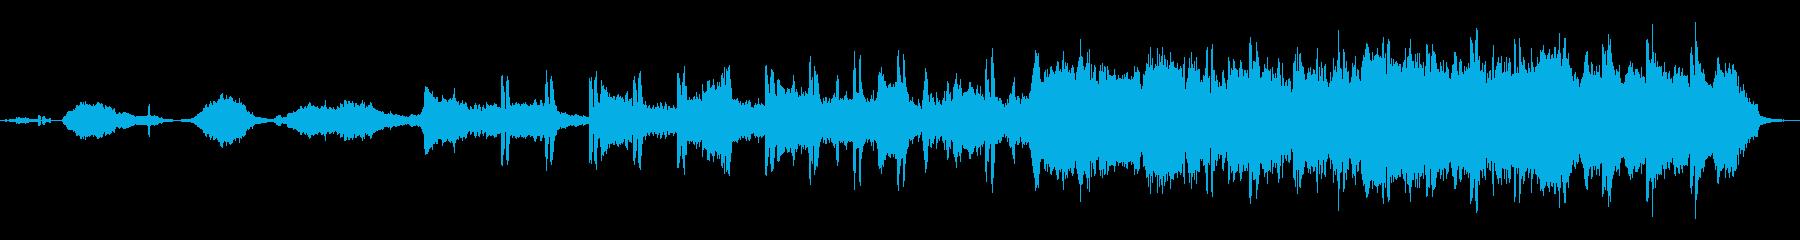 暗く陰気な現代/オーケストラ映画シ...の再生済みの波形